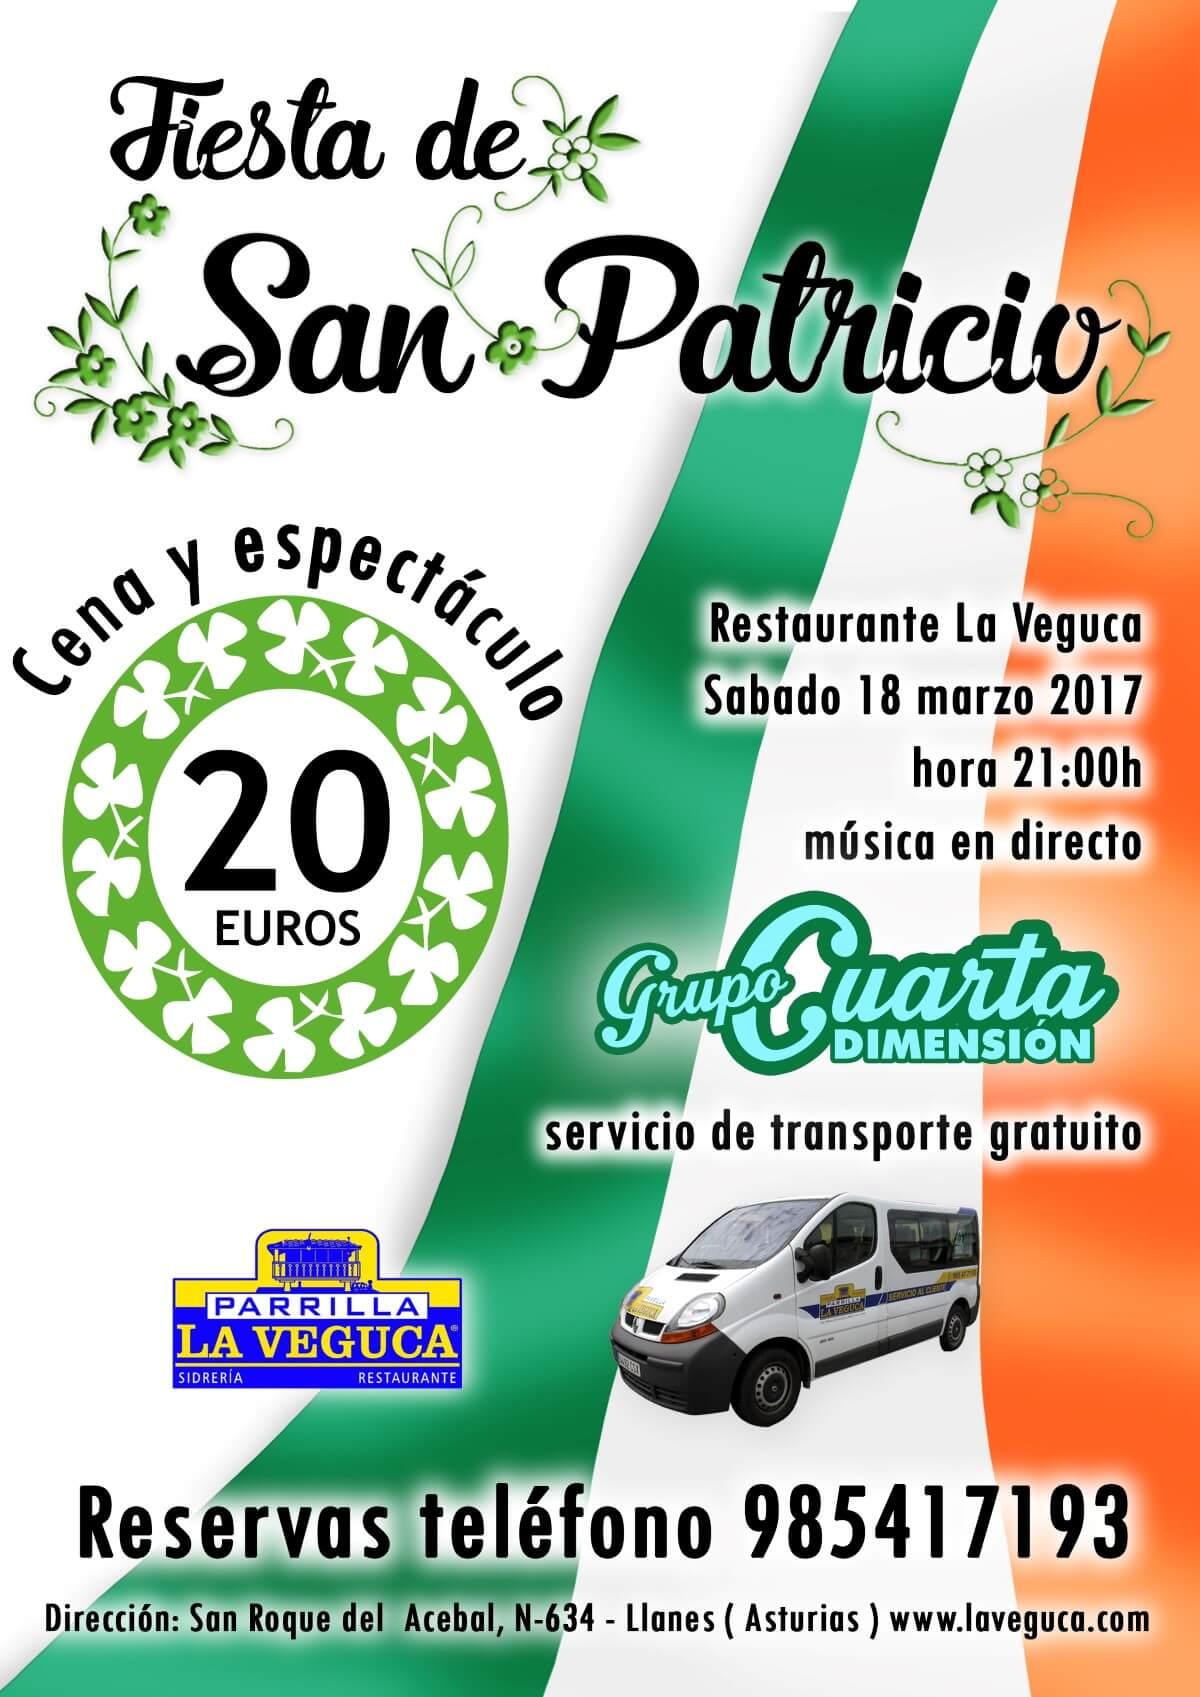 fiesta-san-patricio-2017-laVeguca